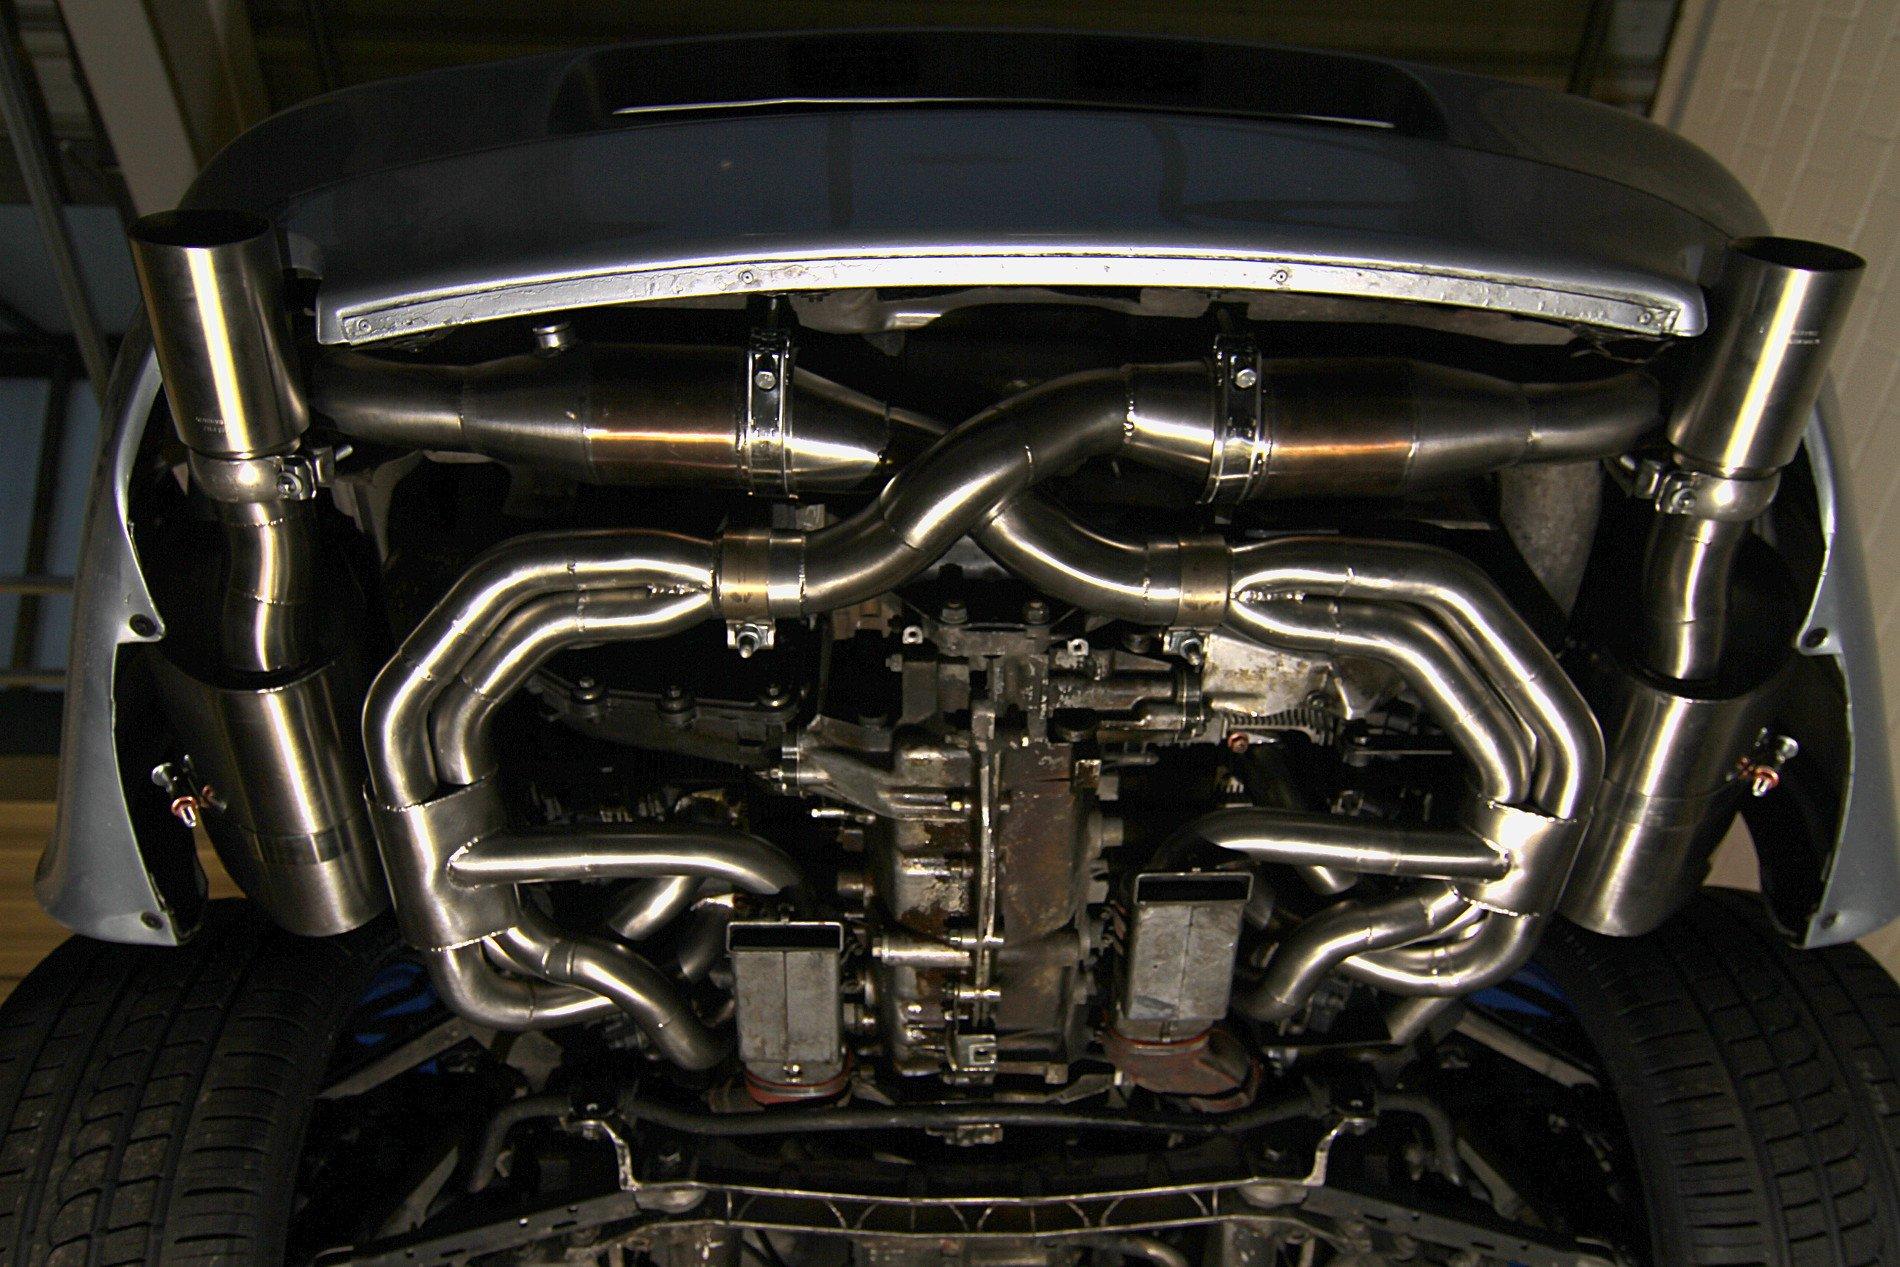 Porsche 993 Carrera - Sportabgasanlage mit Anschluss für Wärmetauscher